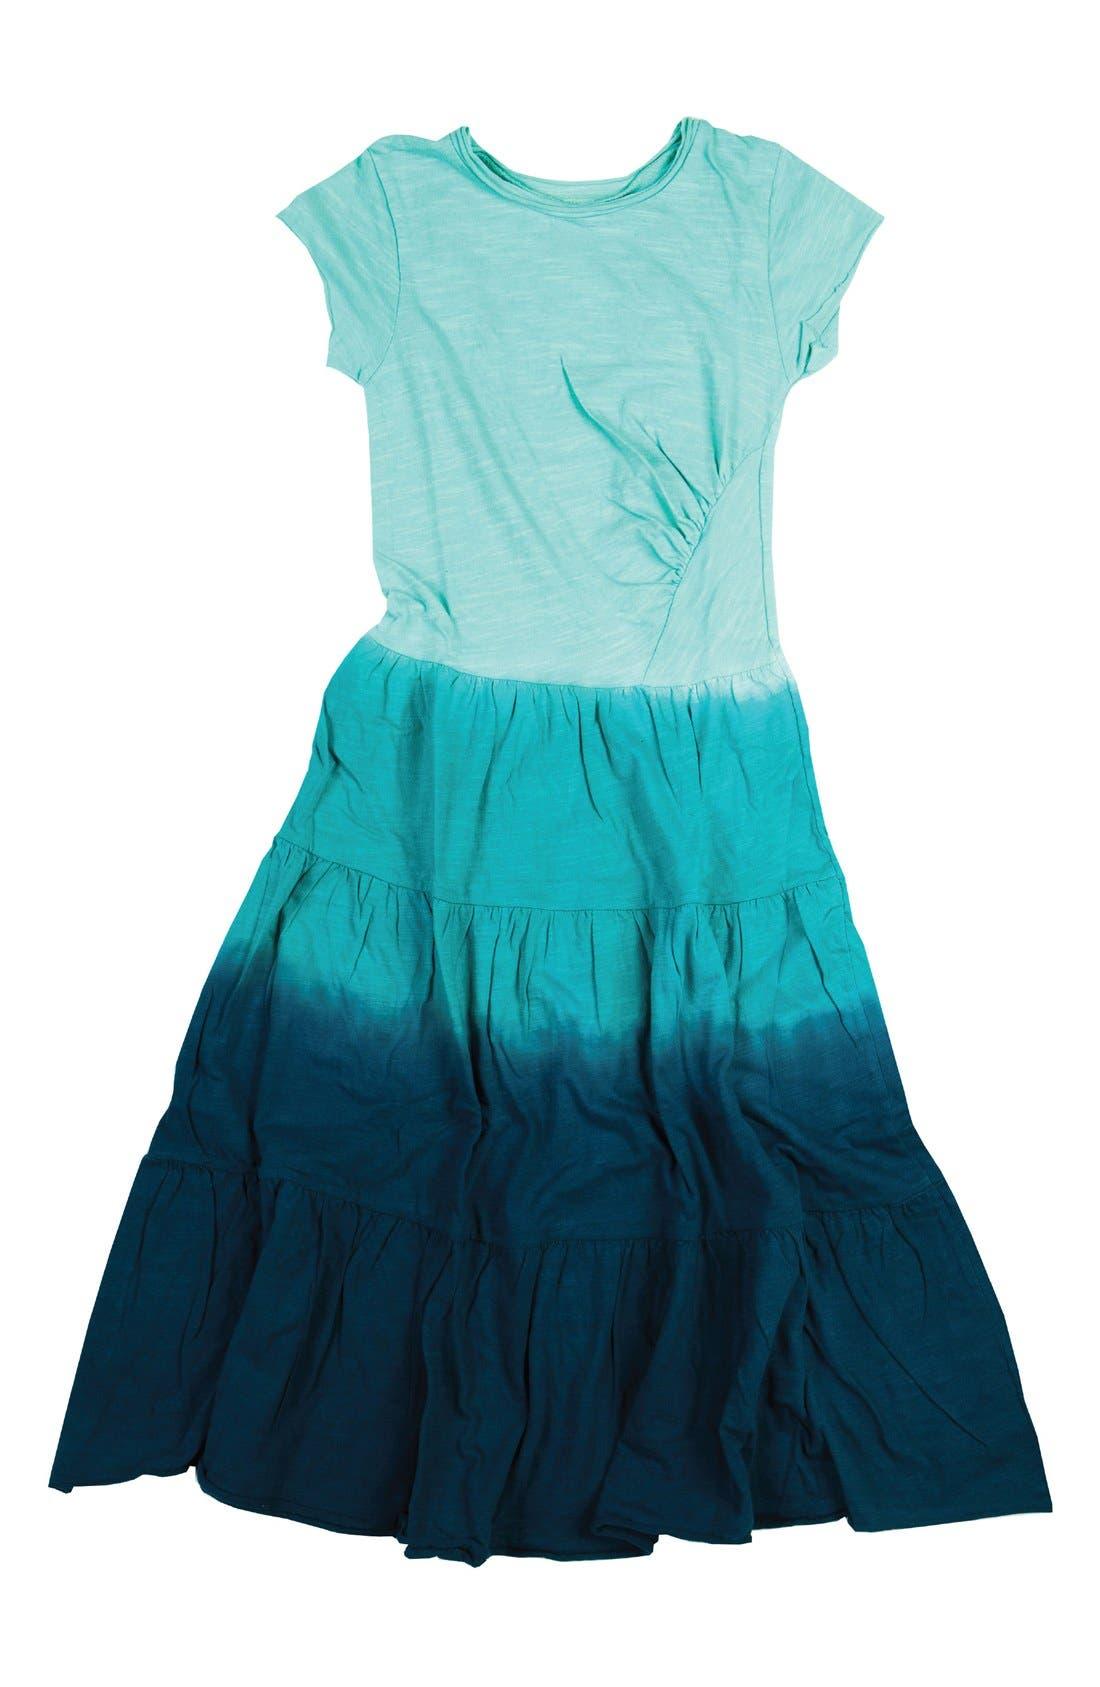 BOWIE JAMES Maximum Heartbreak Cover-Up Maxi Dress